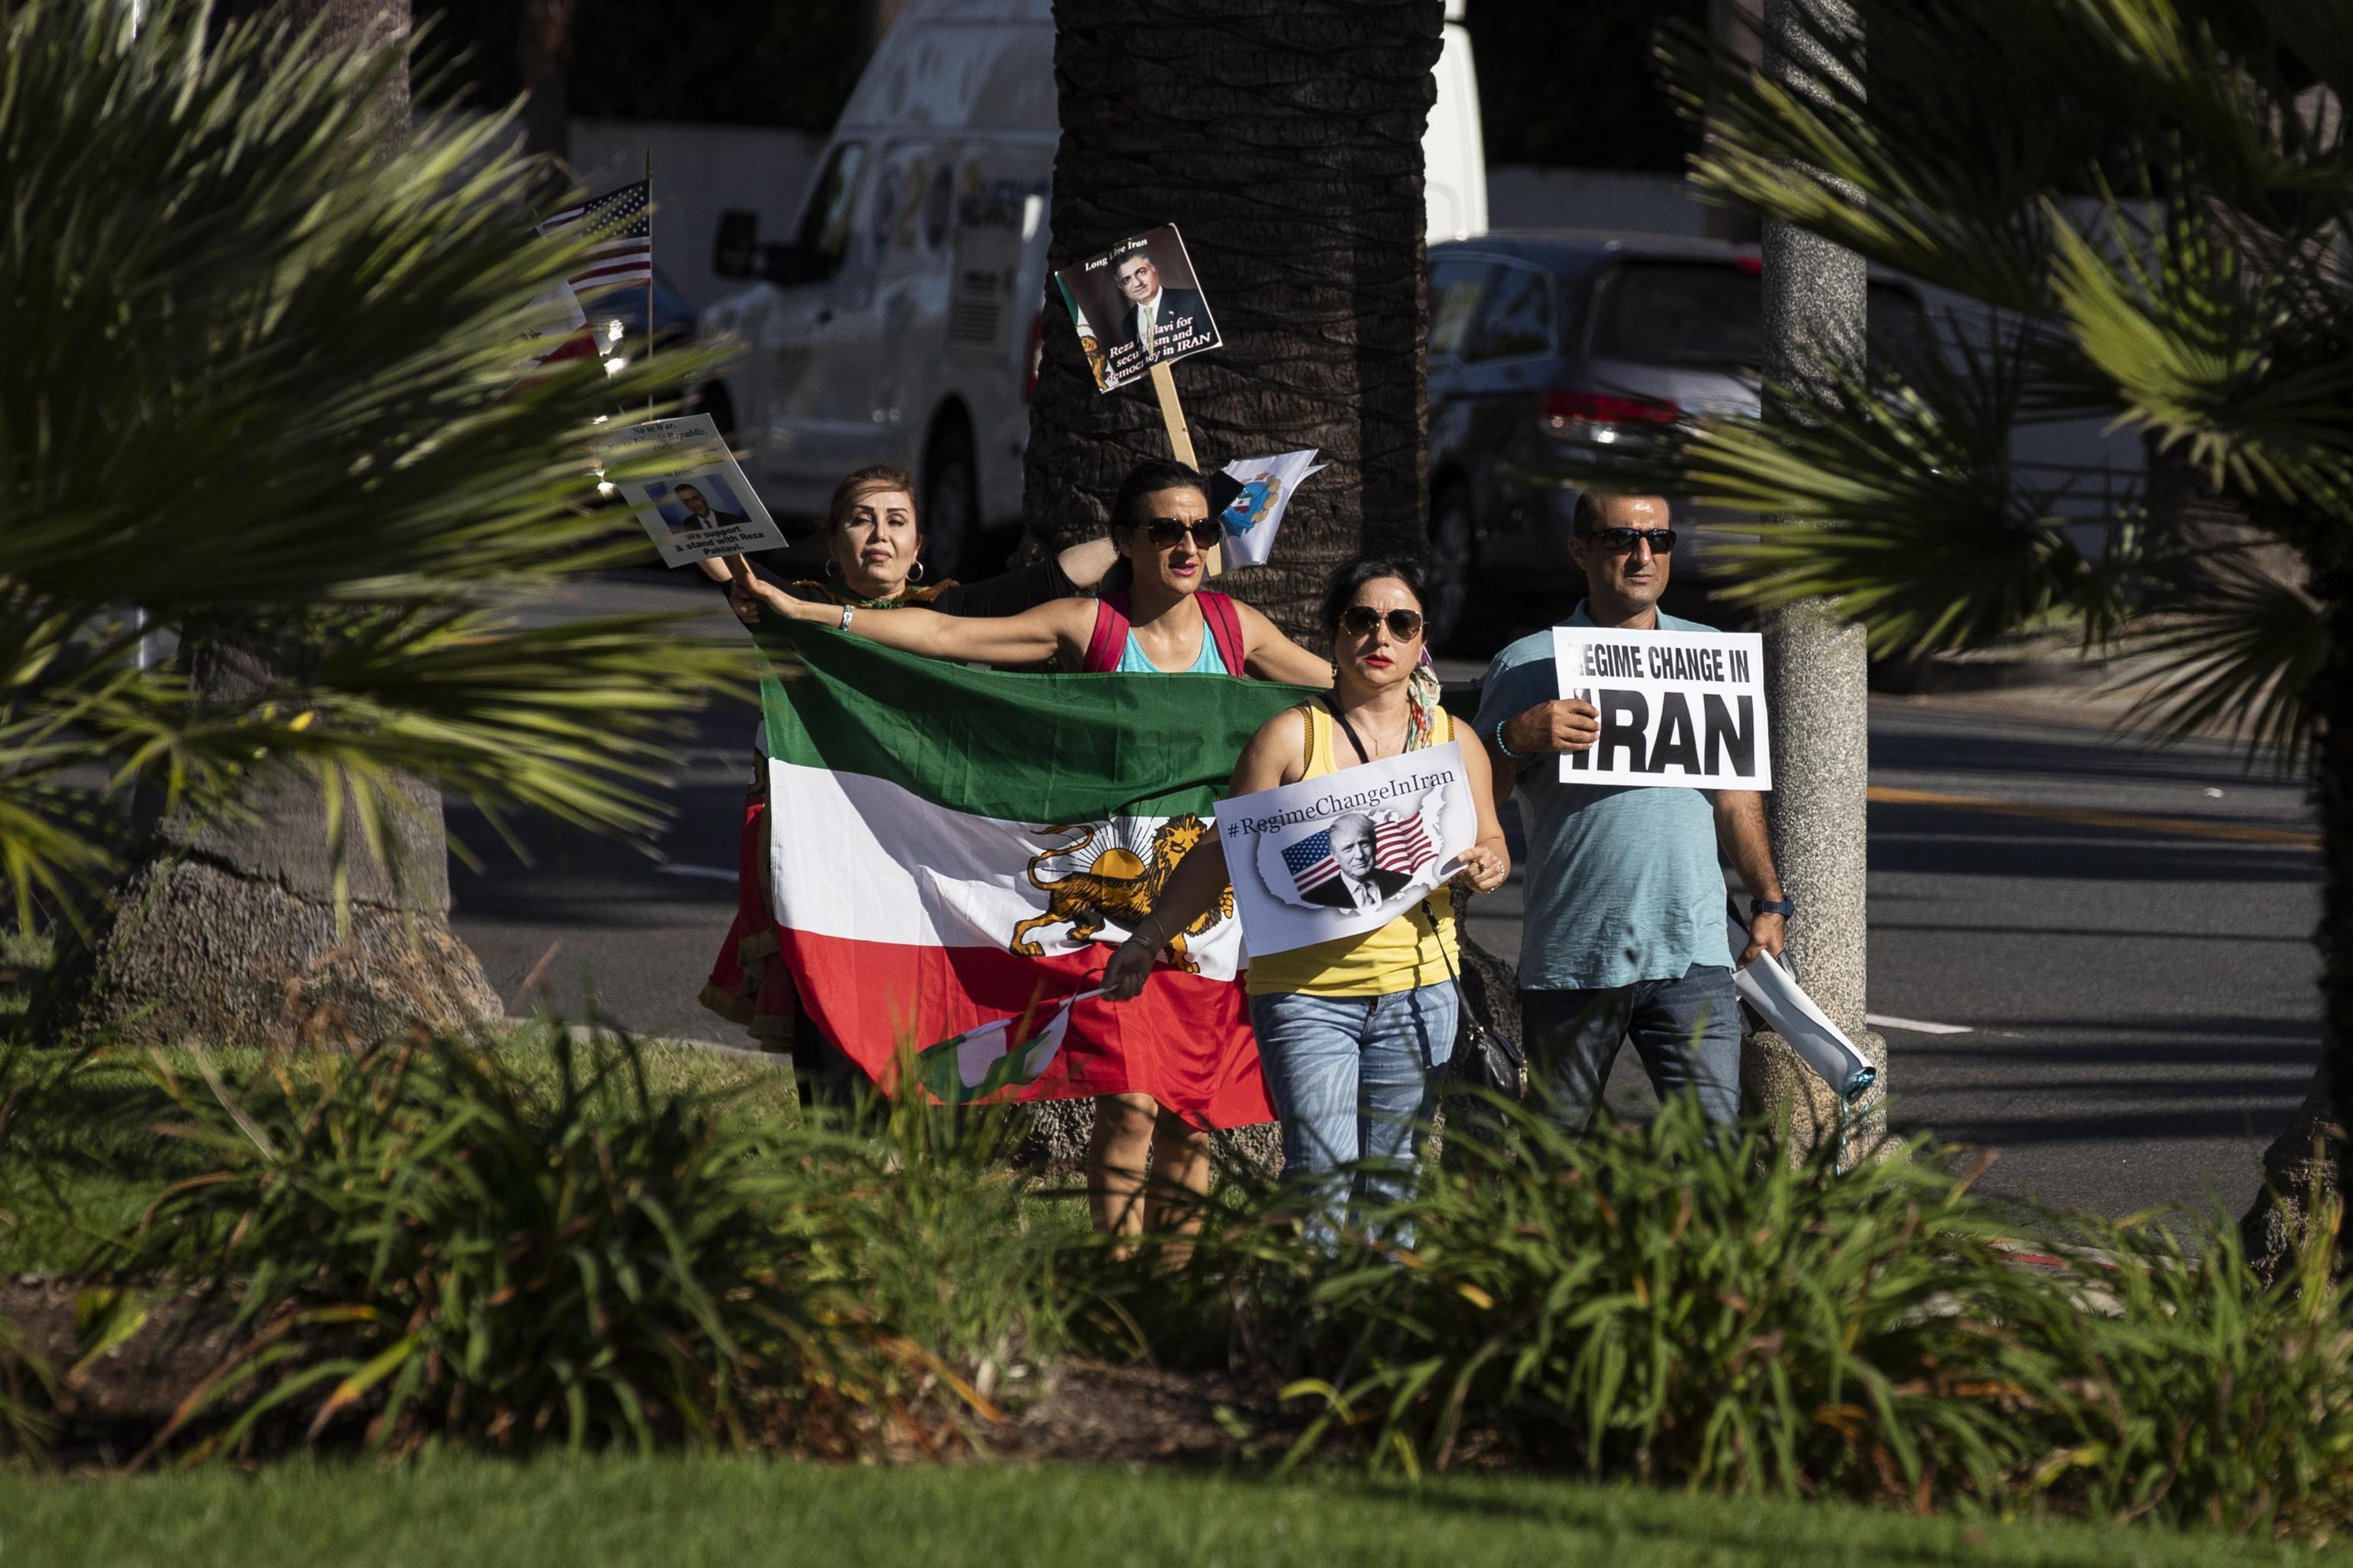 La spinosa questione iraniana emerge anche sui cartelloni di protesta di alcuni manifestanti